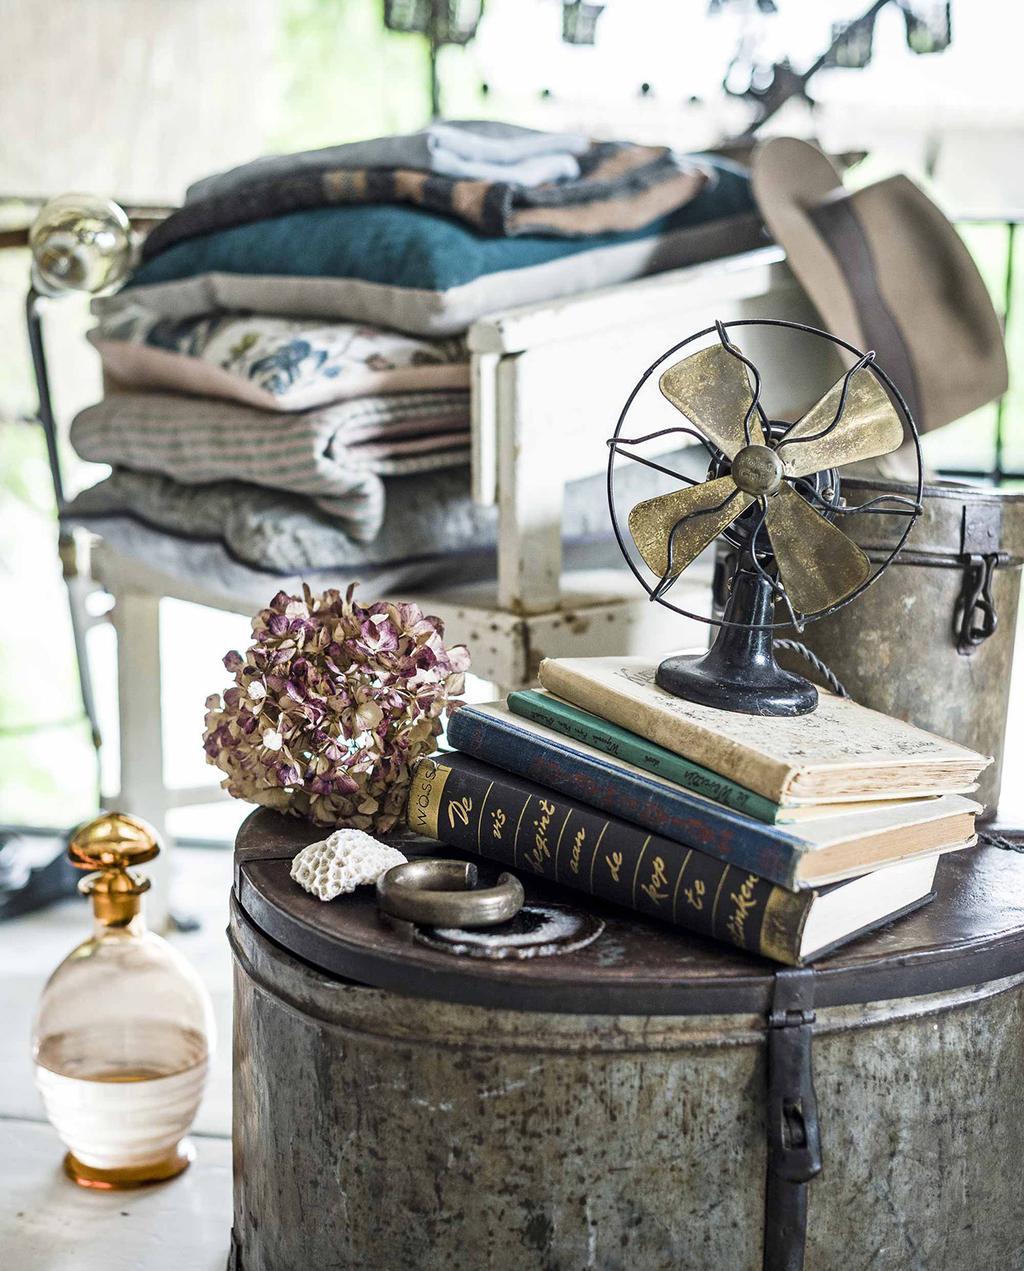 vtwonen 10-2016 | vintage ventilator met boeken